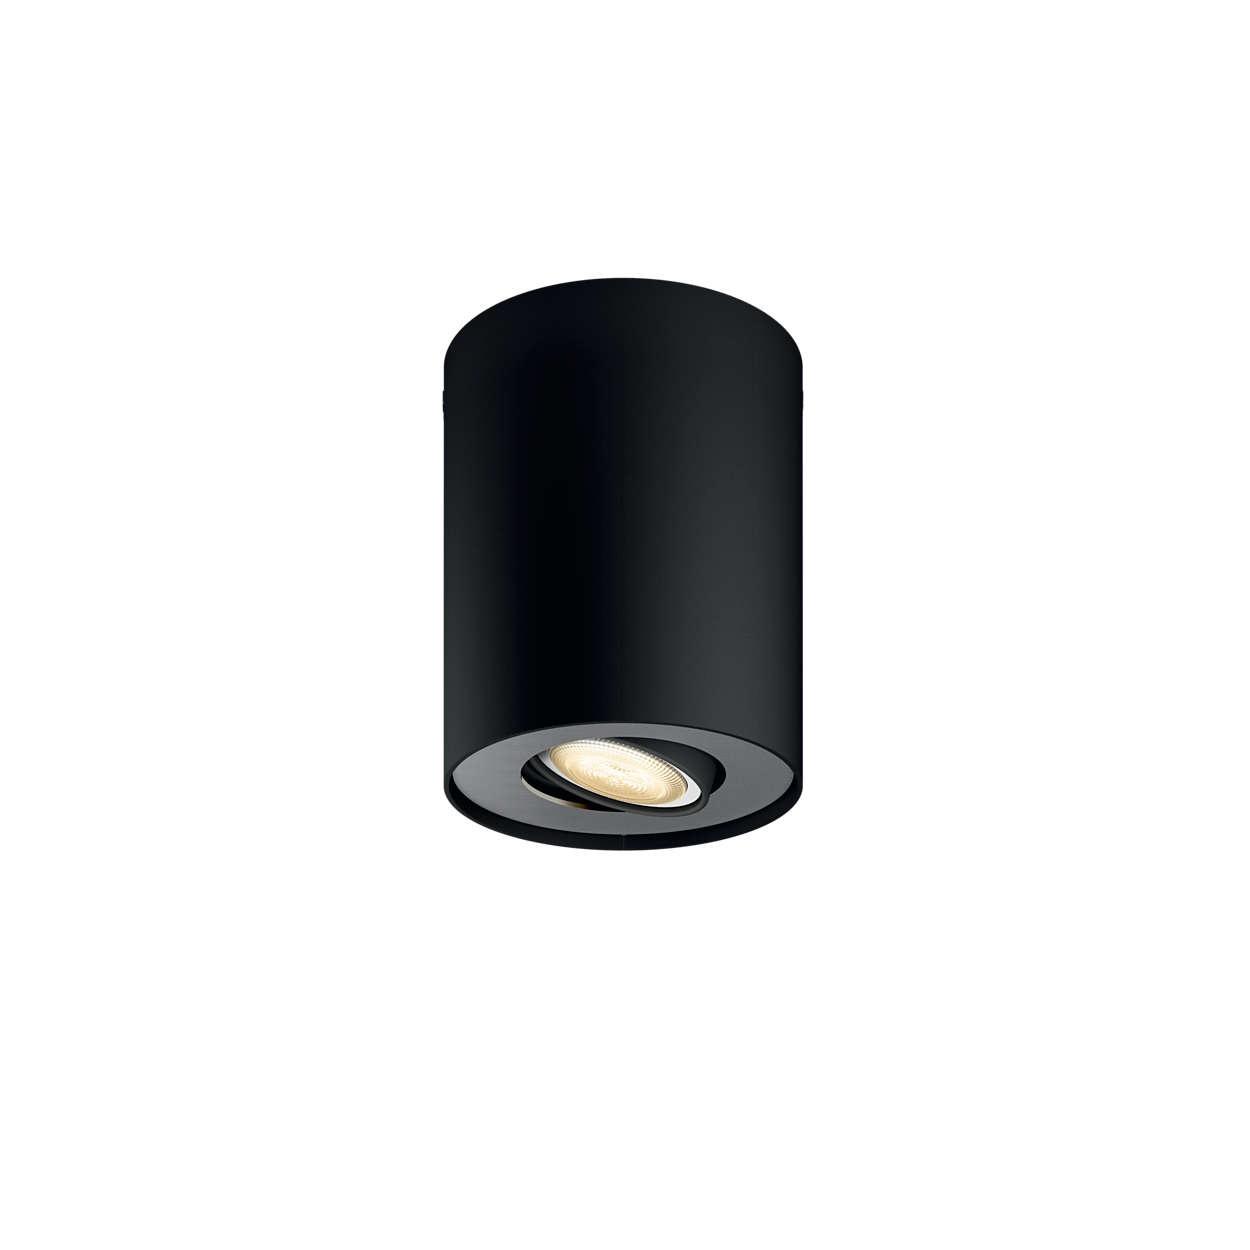 PHILIPS Pillar Bodové svítidlo, Hue White ambiance, 230V, 1x5.5W GU10, Černá, rozšíření